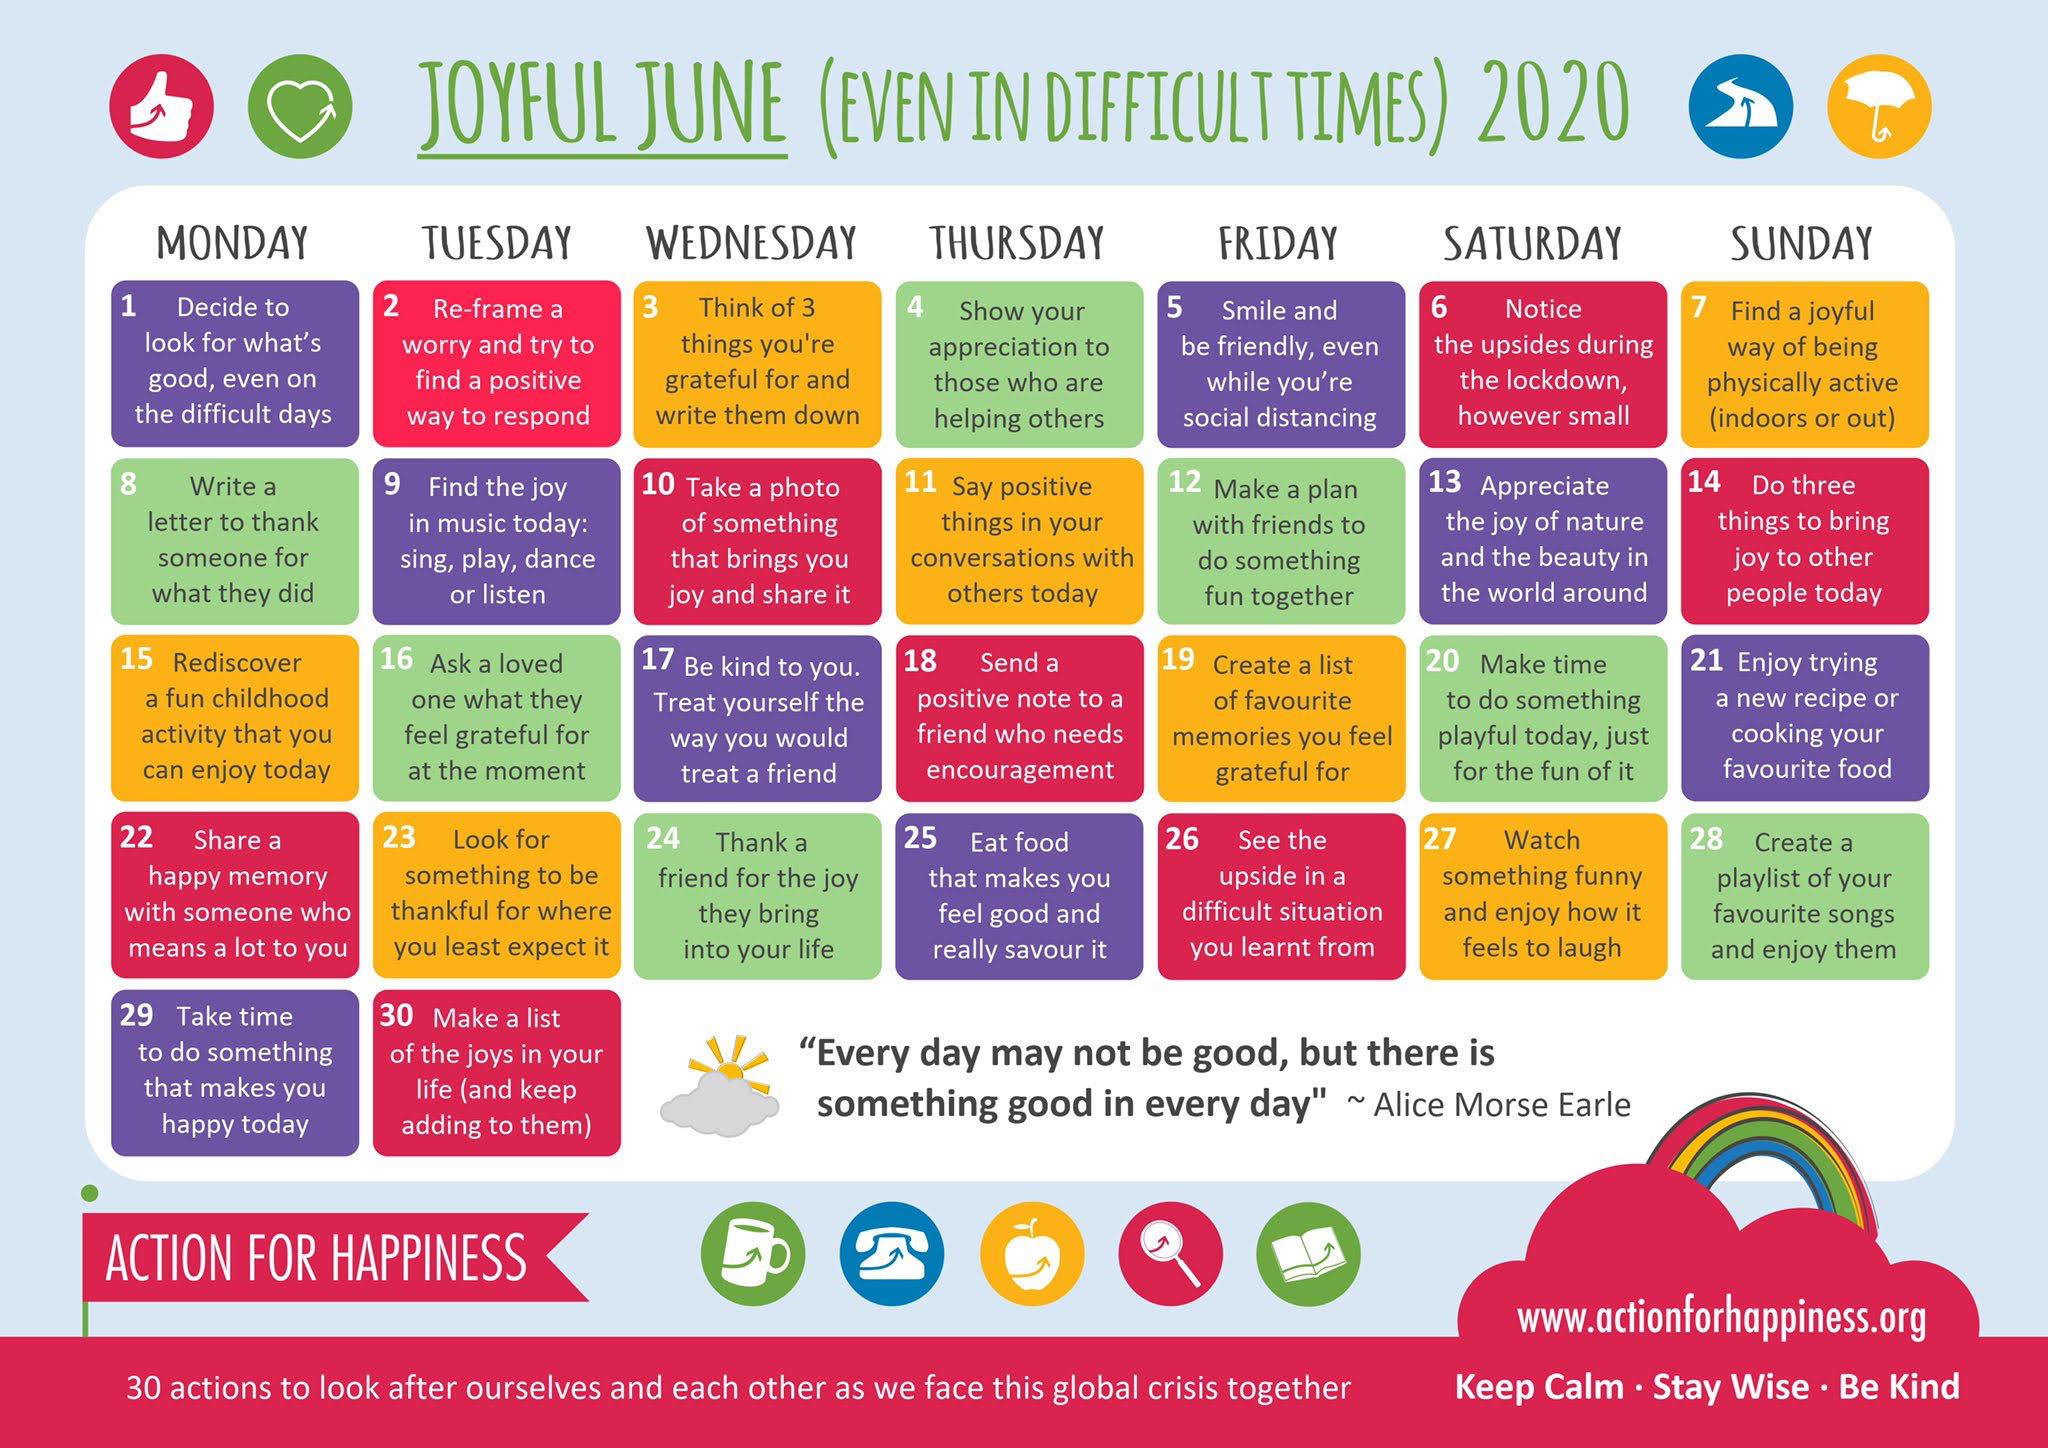 Joyful June